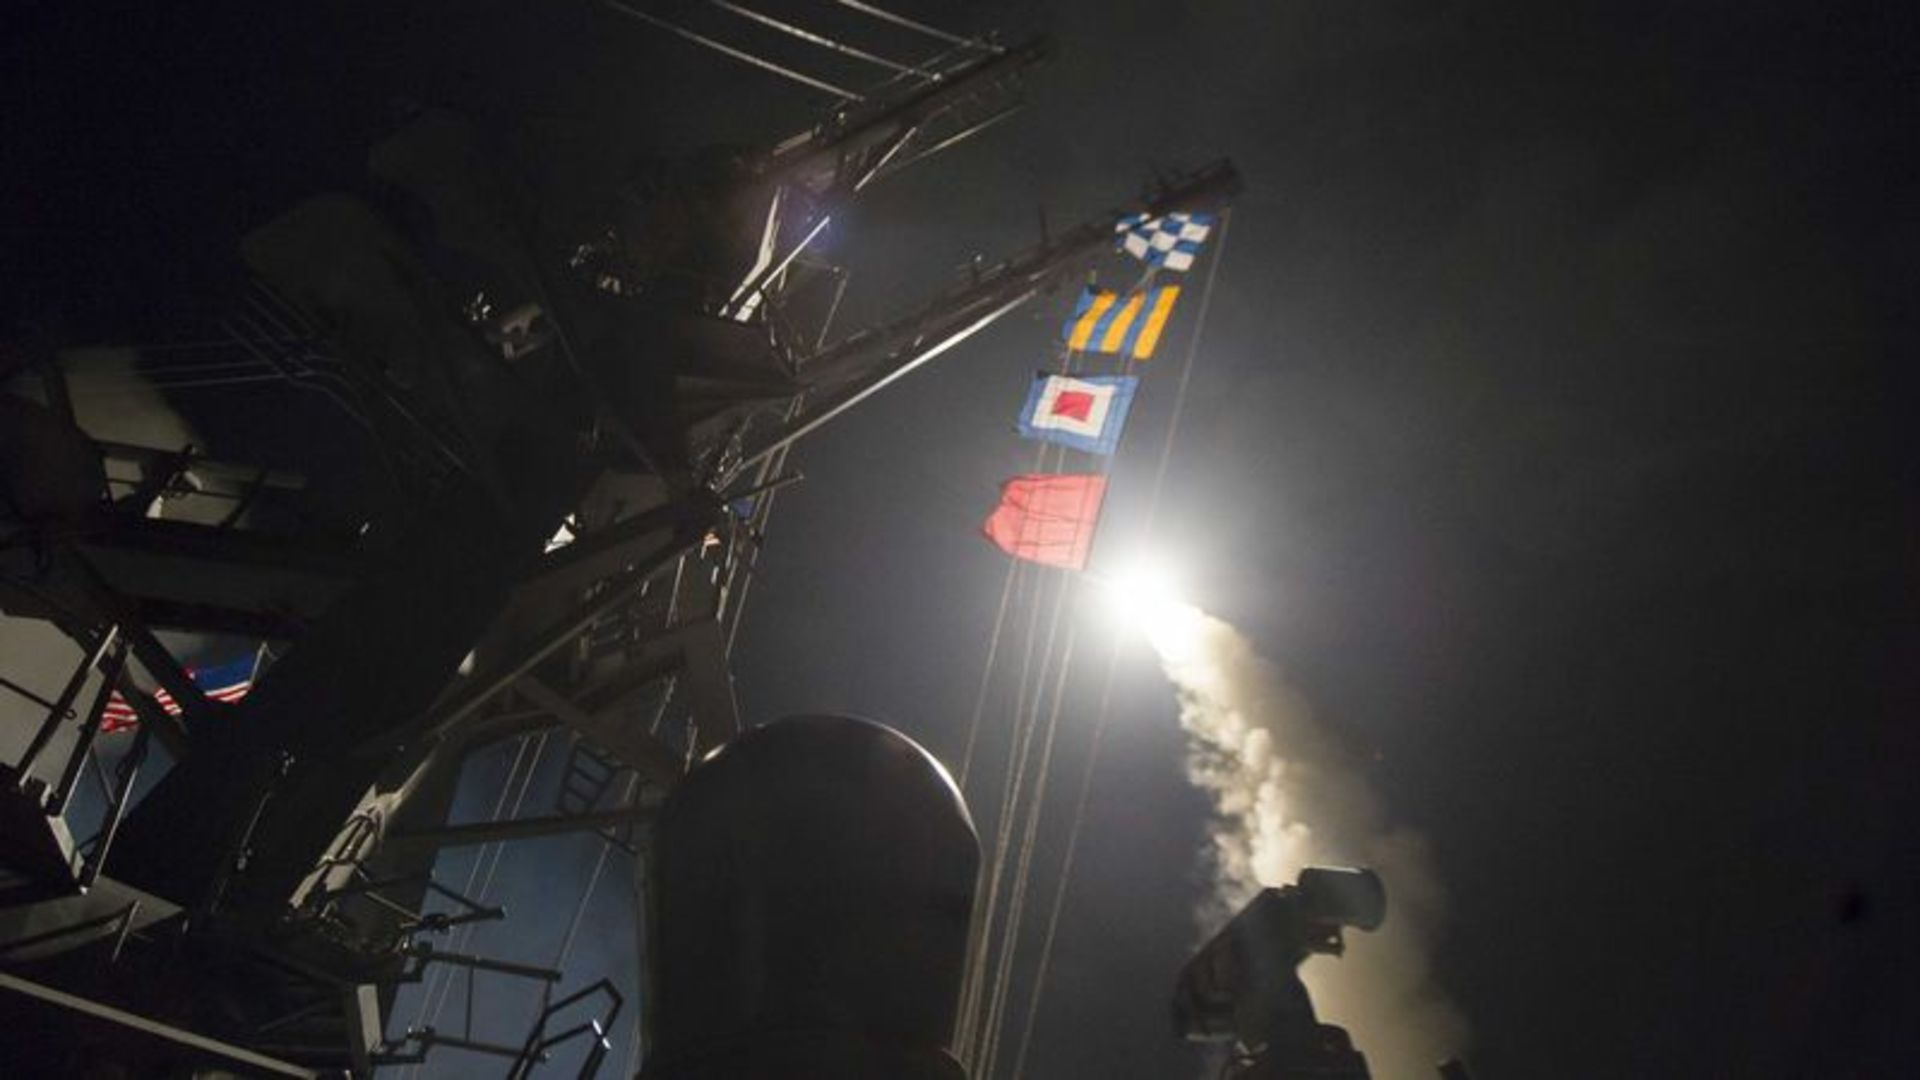 İsrail basını: Suriyeye düzenlenen saldırı Hizbullahı ve İran silah deposunu hedef aldı 15